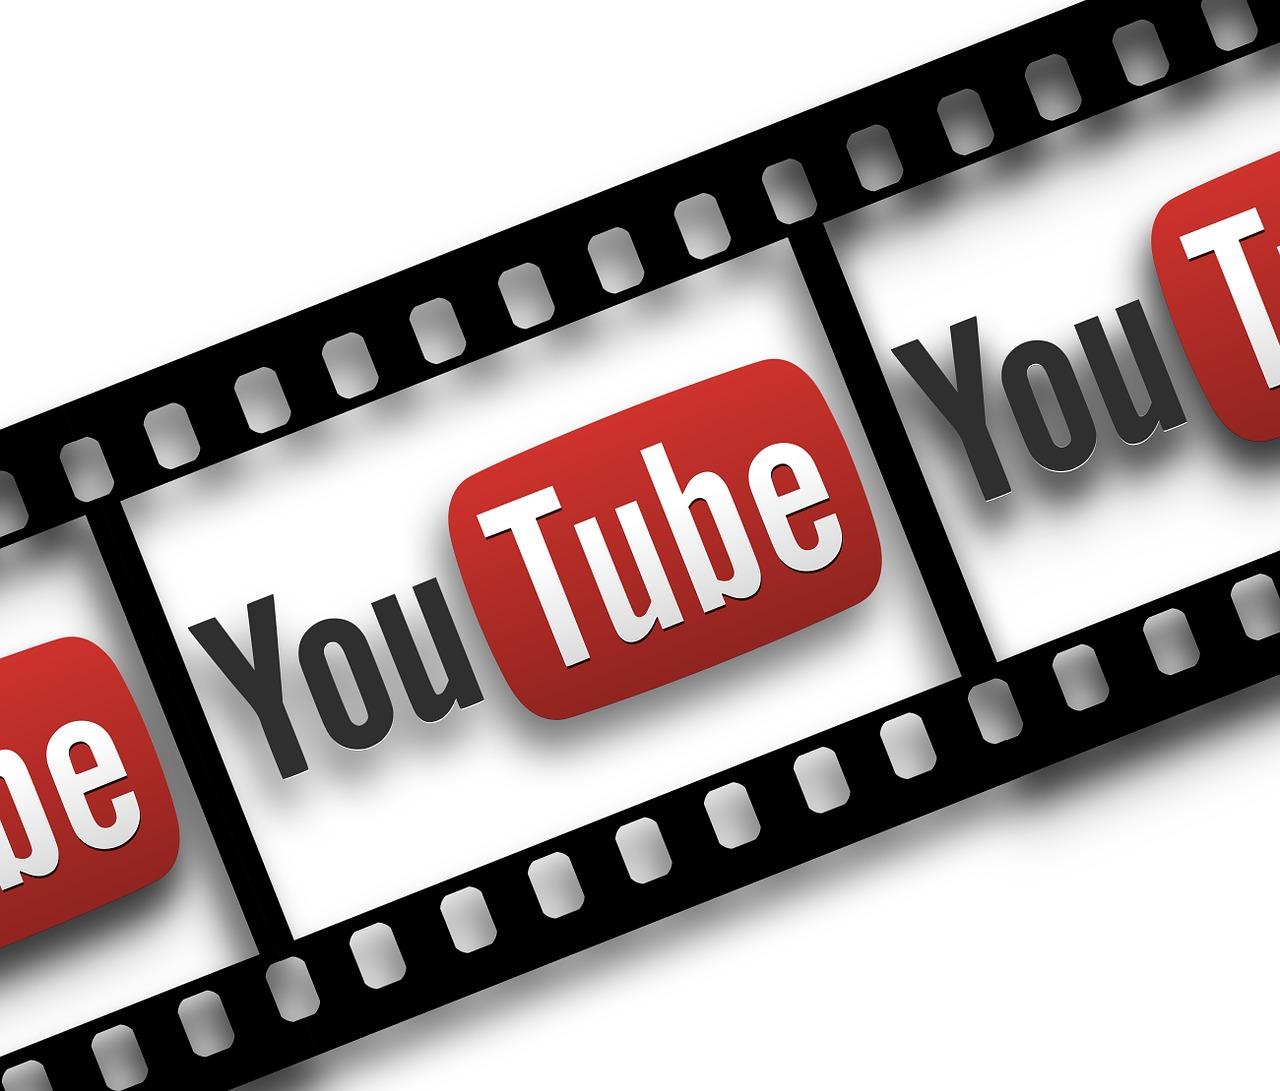 YouTube et Netflix sont-ils concurrents ?